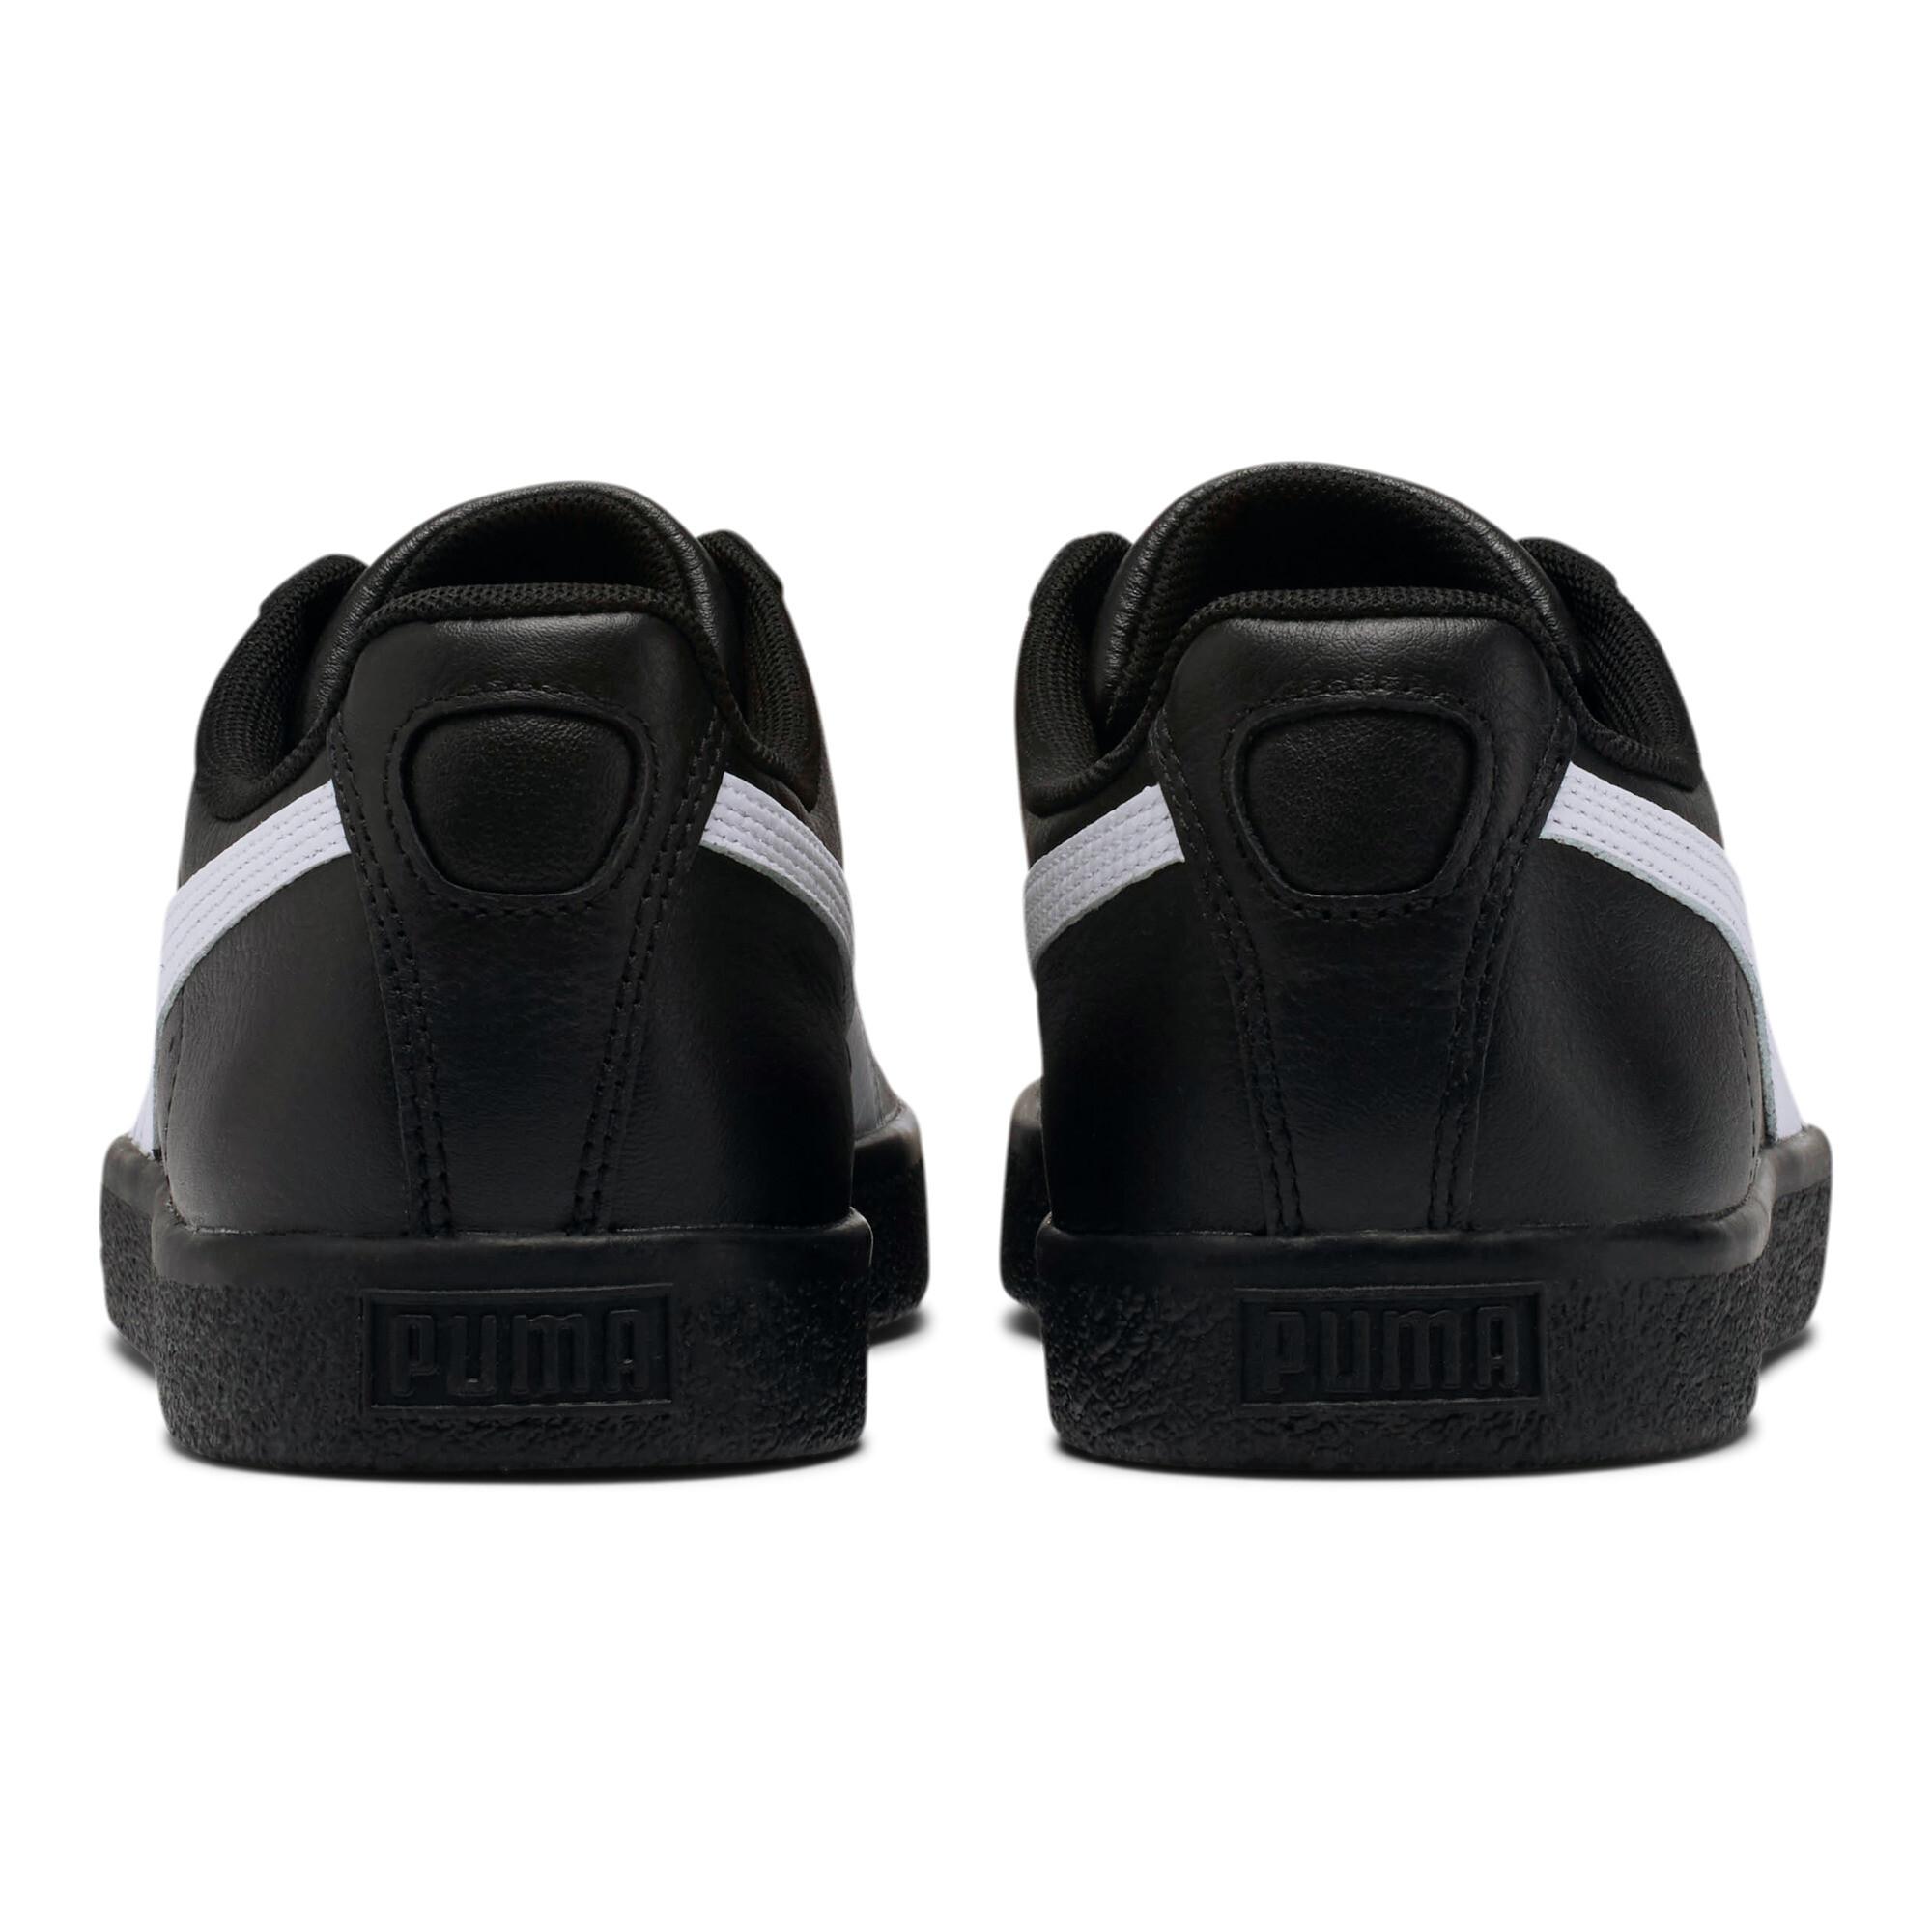 PUMA-Men-039-s-Clyde-Core-Foil-Sneakers thumbnail 3